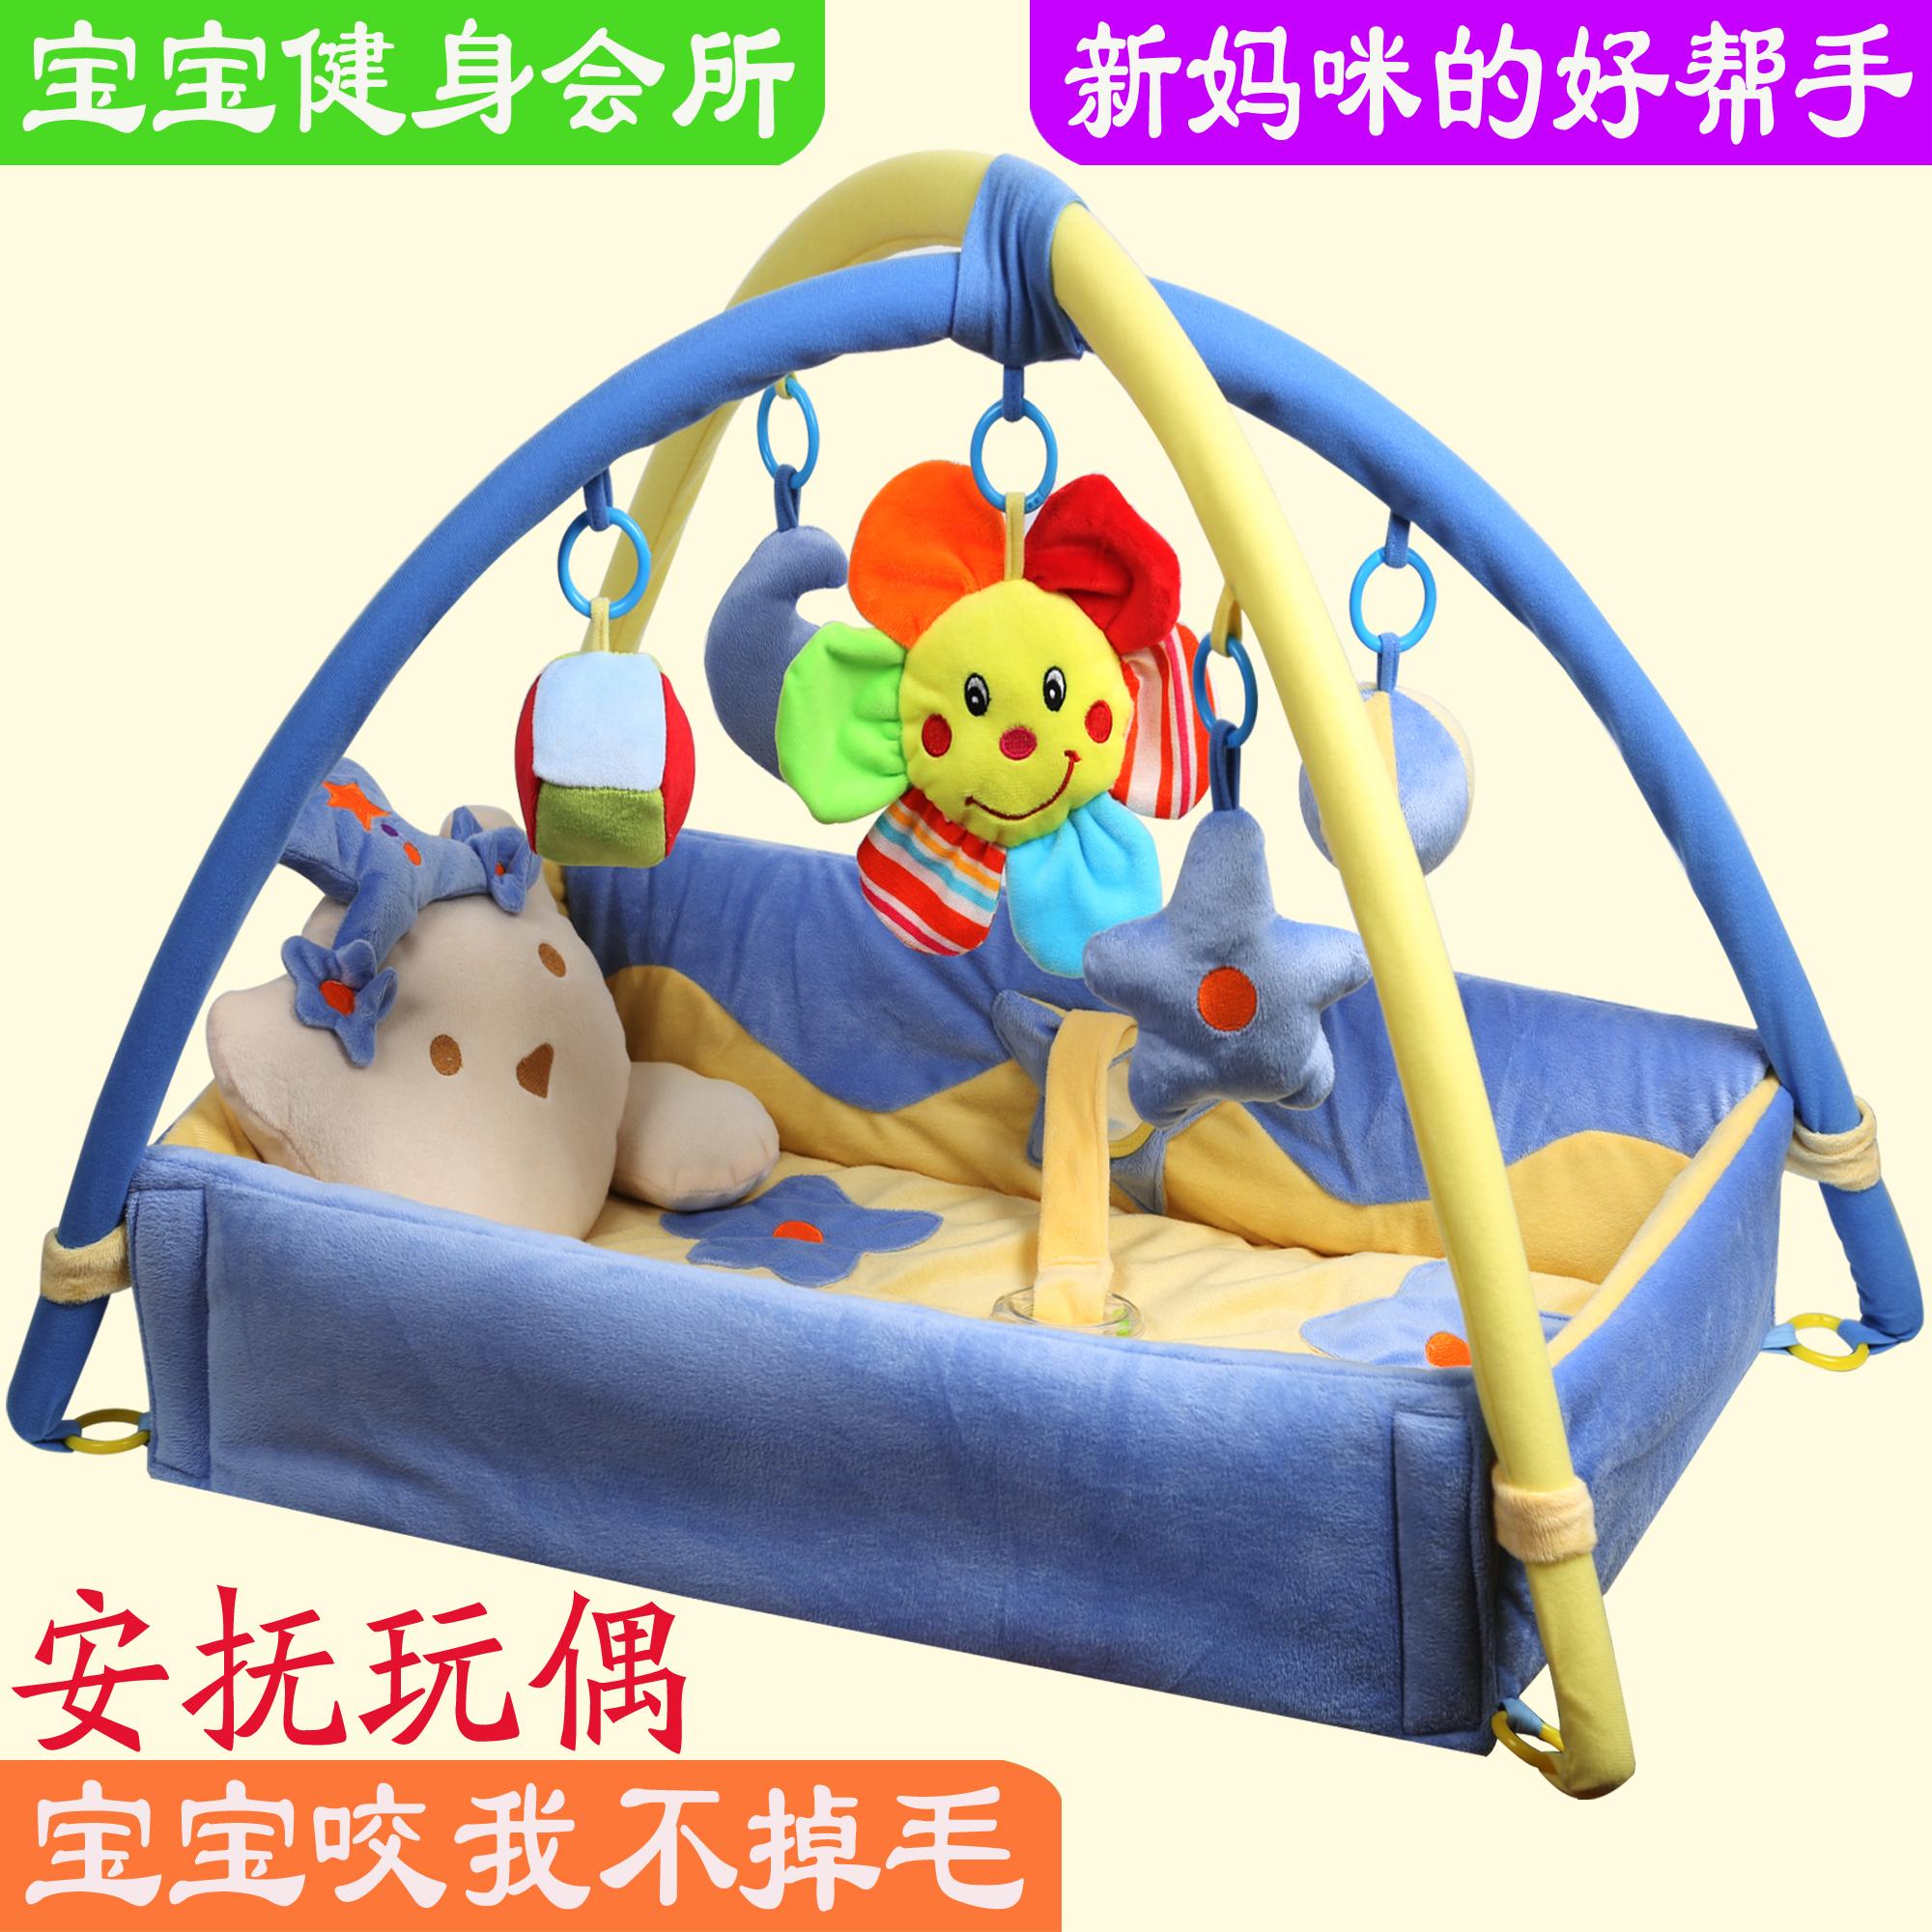 婴儿礼盒新生儿套装刚出生宝宝满月送礼物游戏毯玩具母婴用品大全